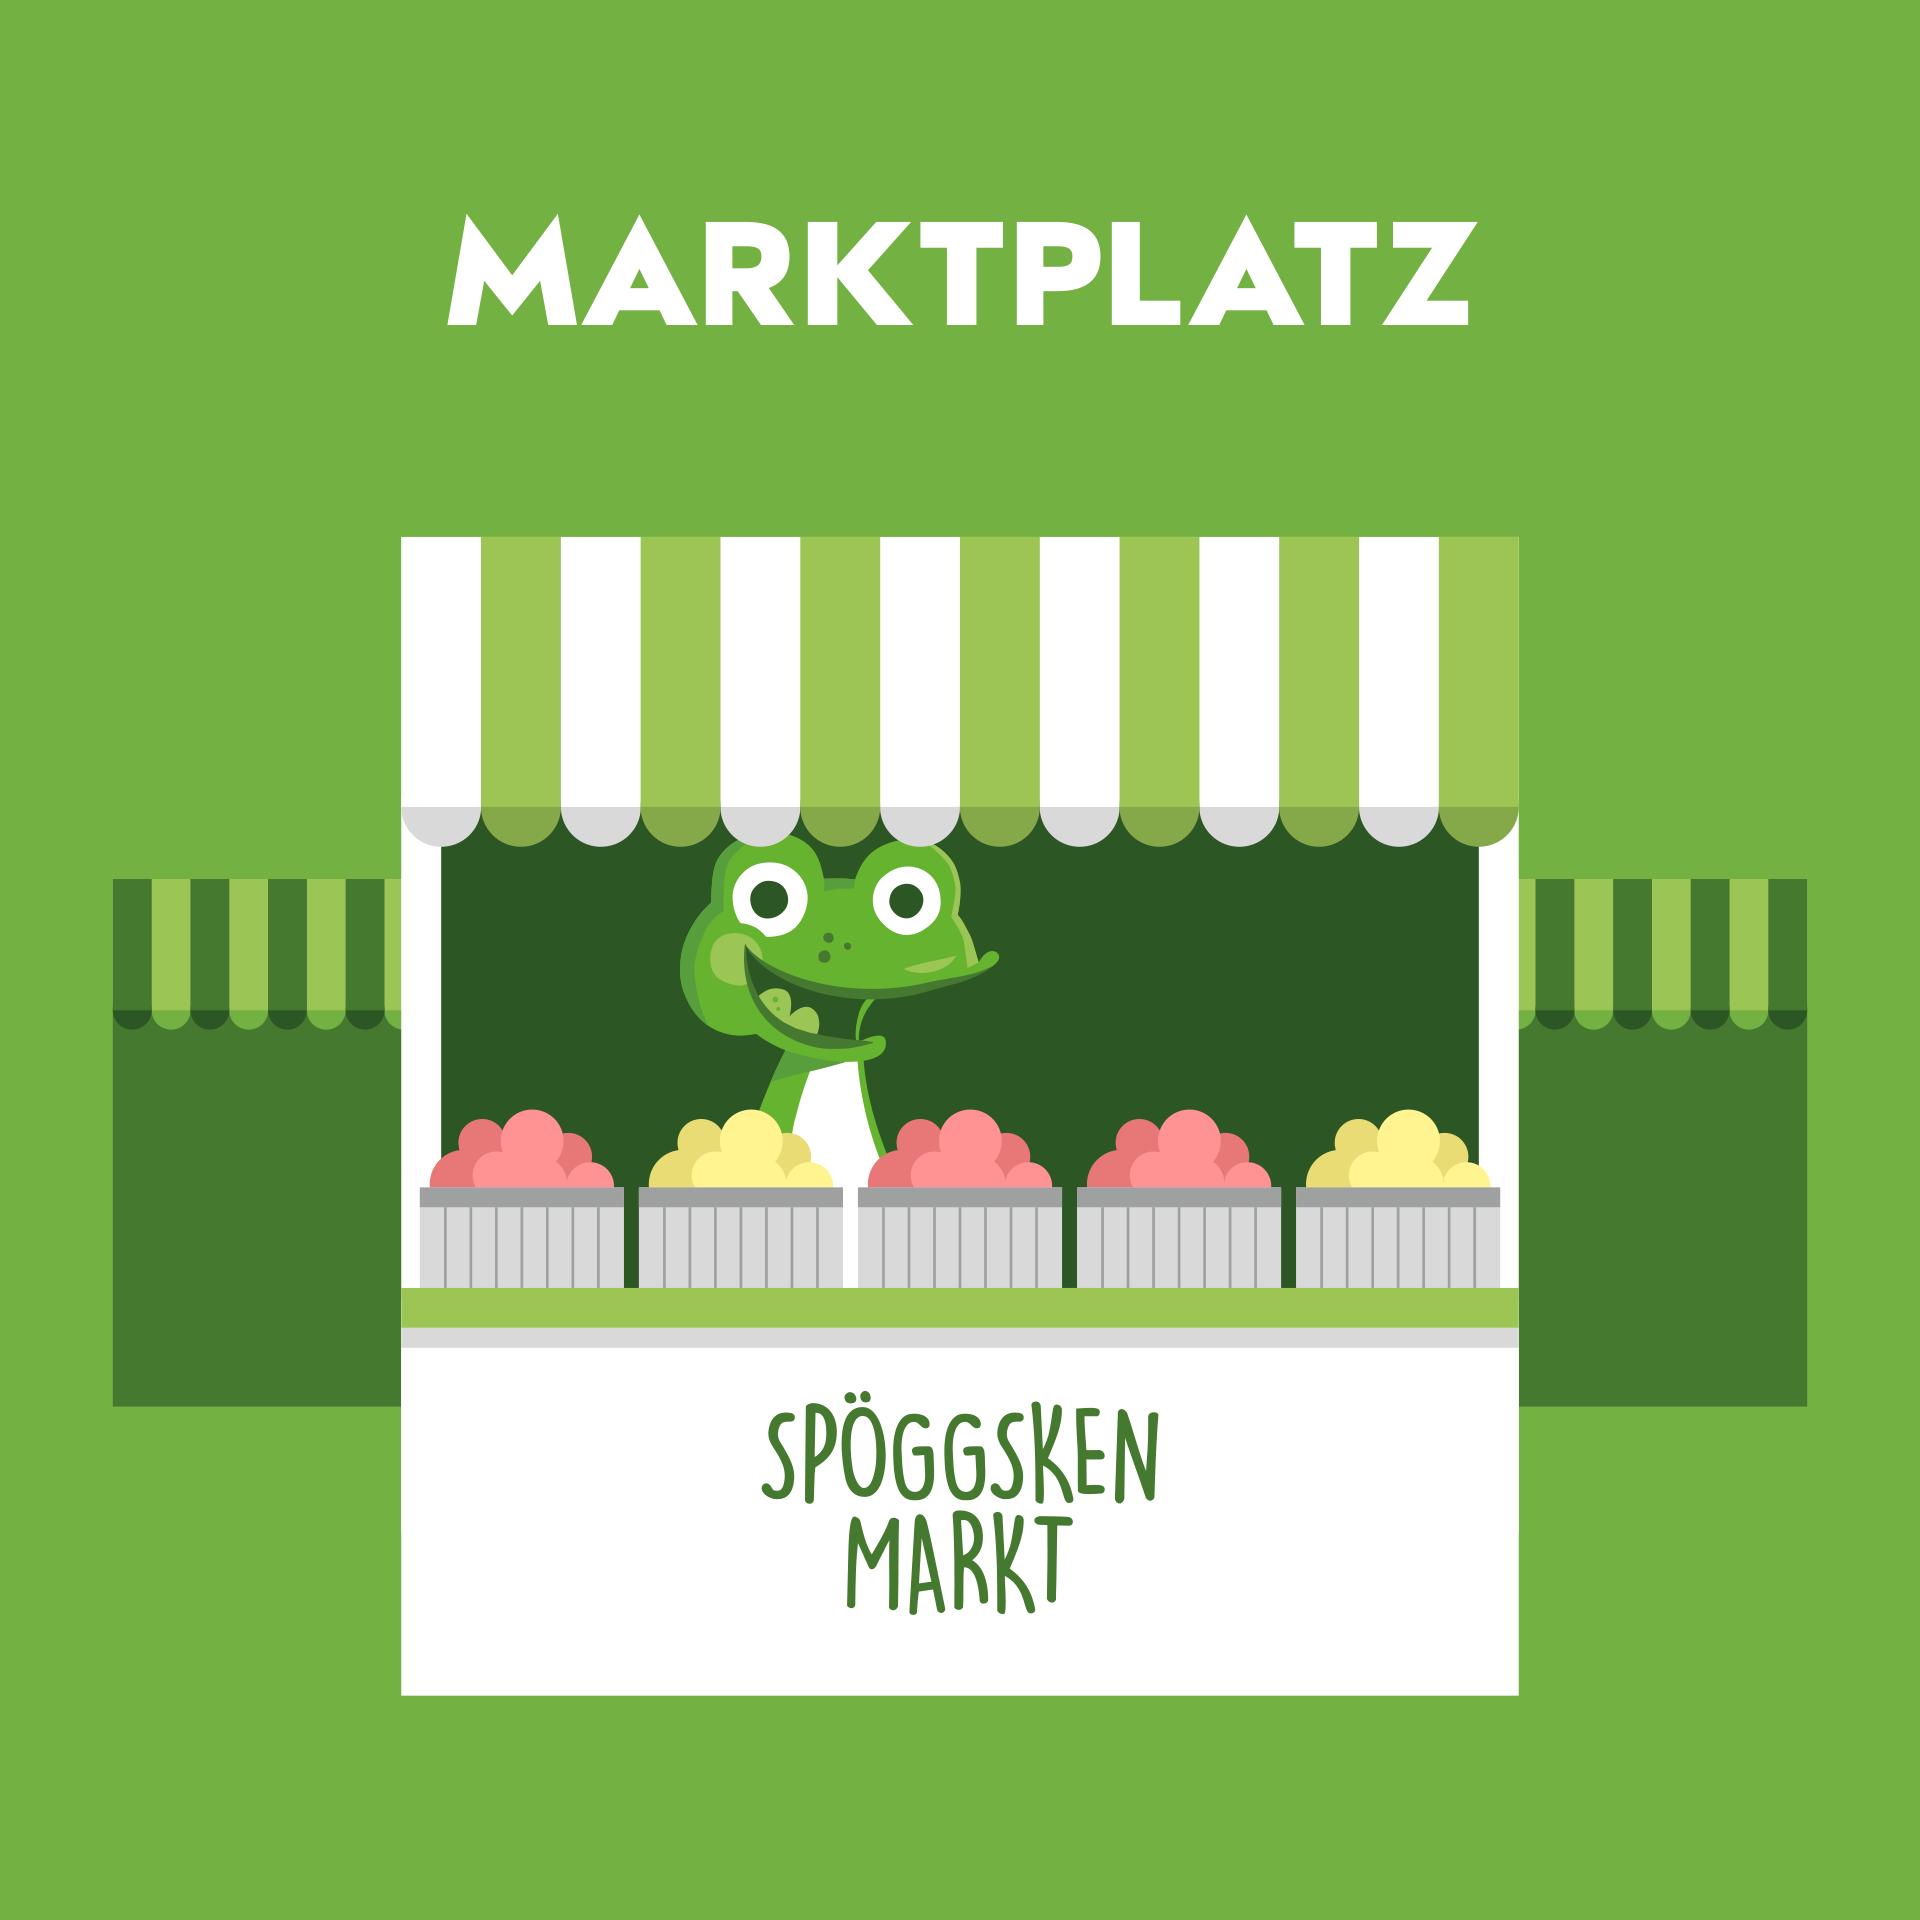 Kacheln_1_1_Marktplatz